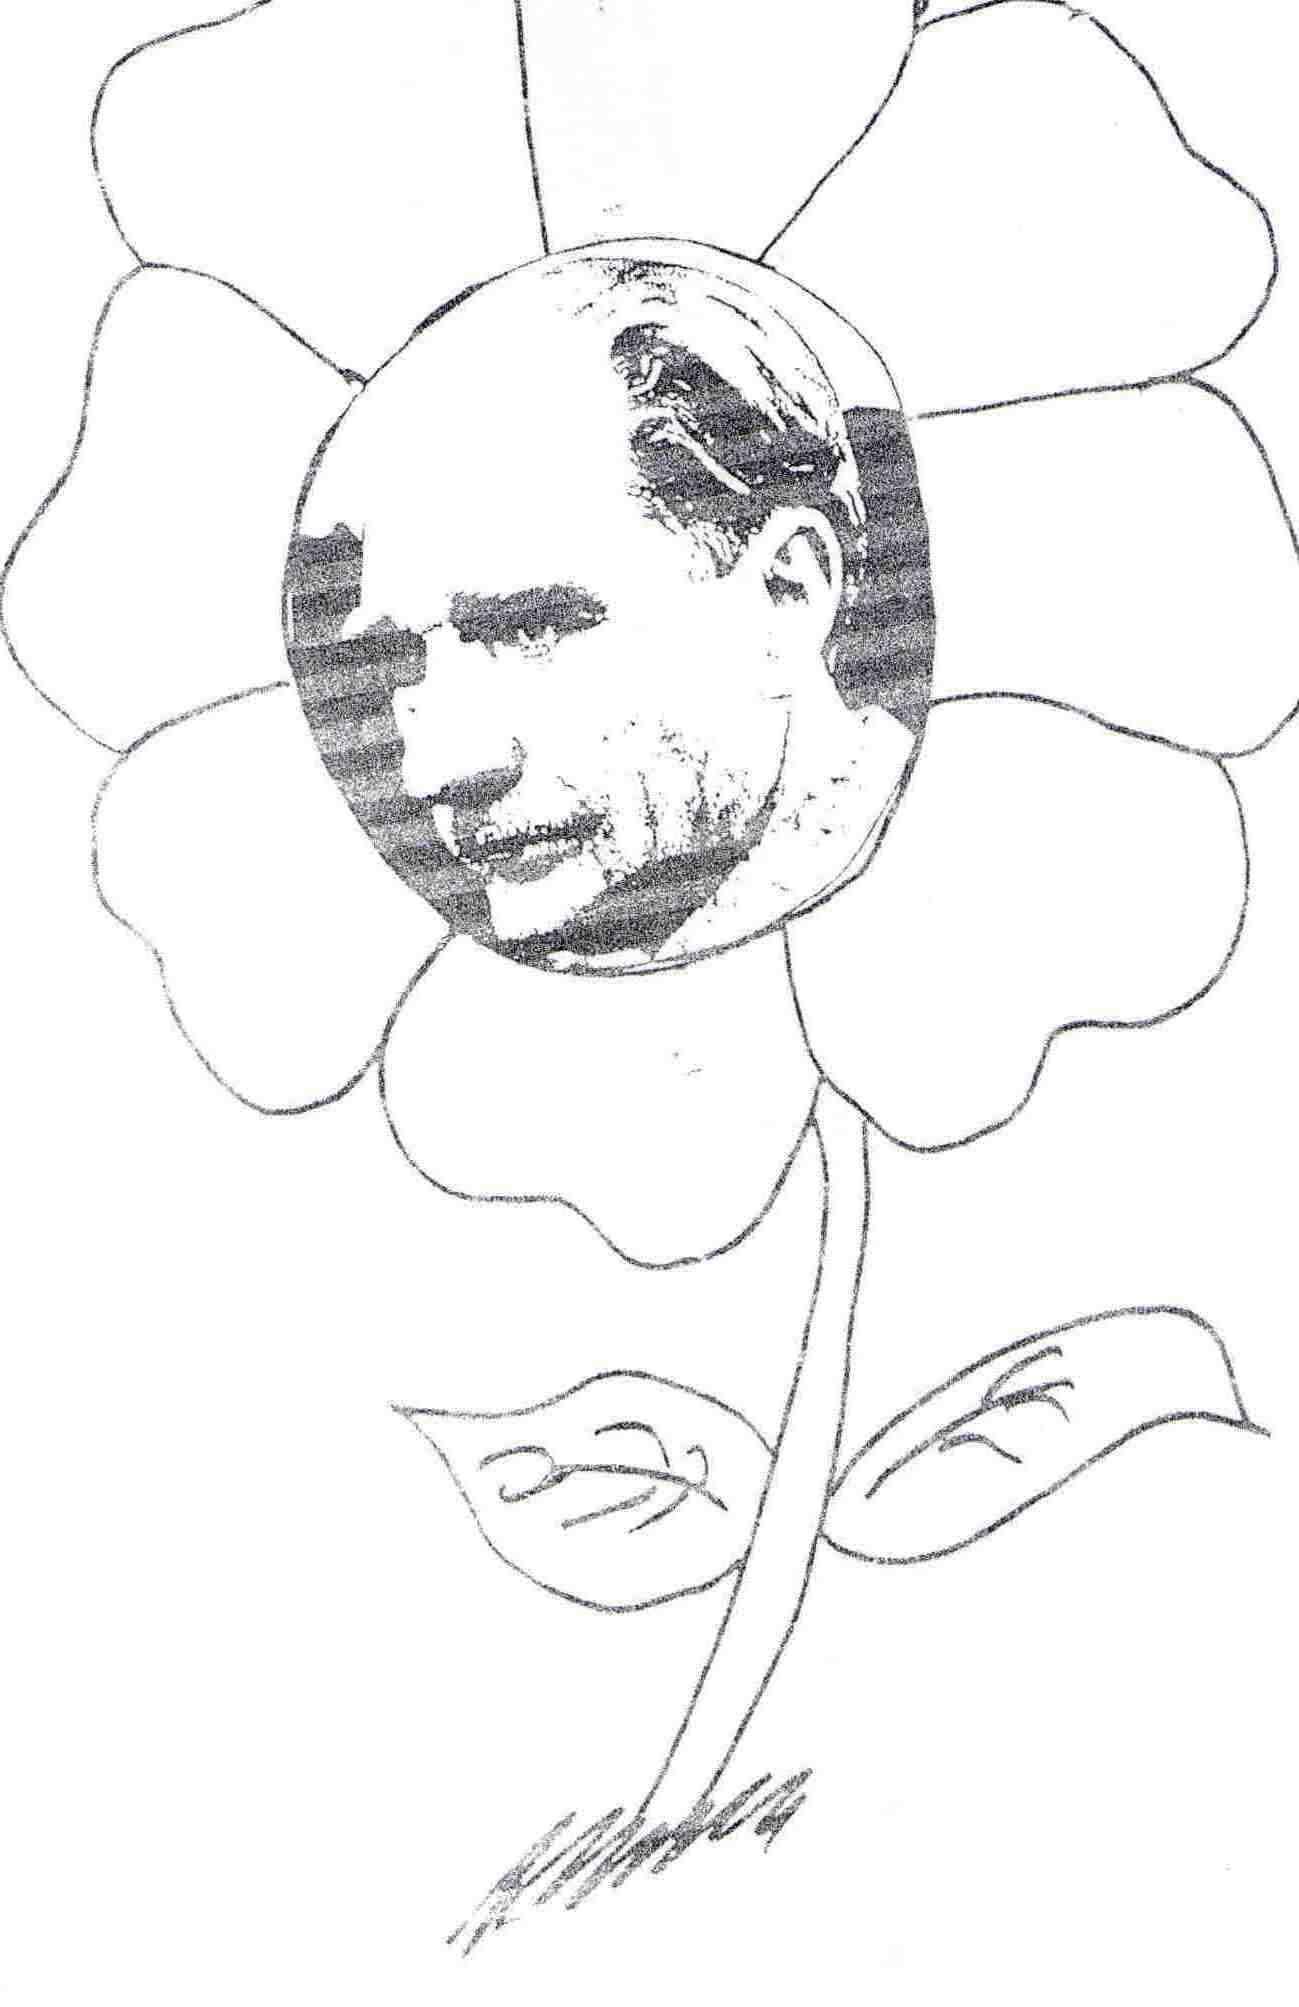 Ataturk Ataturkboyama Boyama 10kasimboyama Resim Boyama